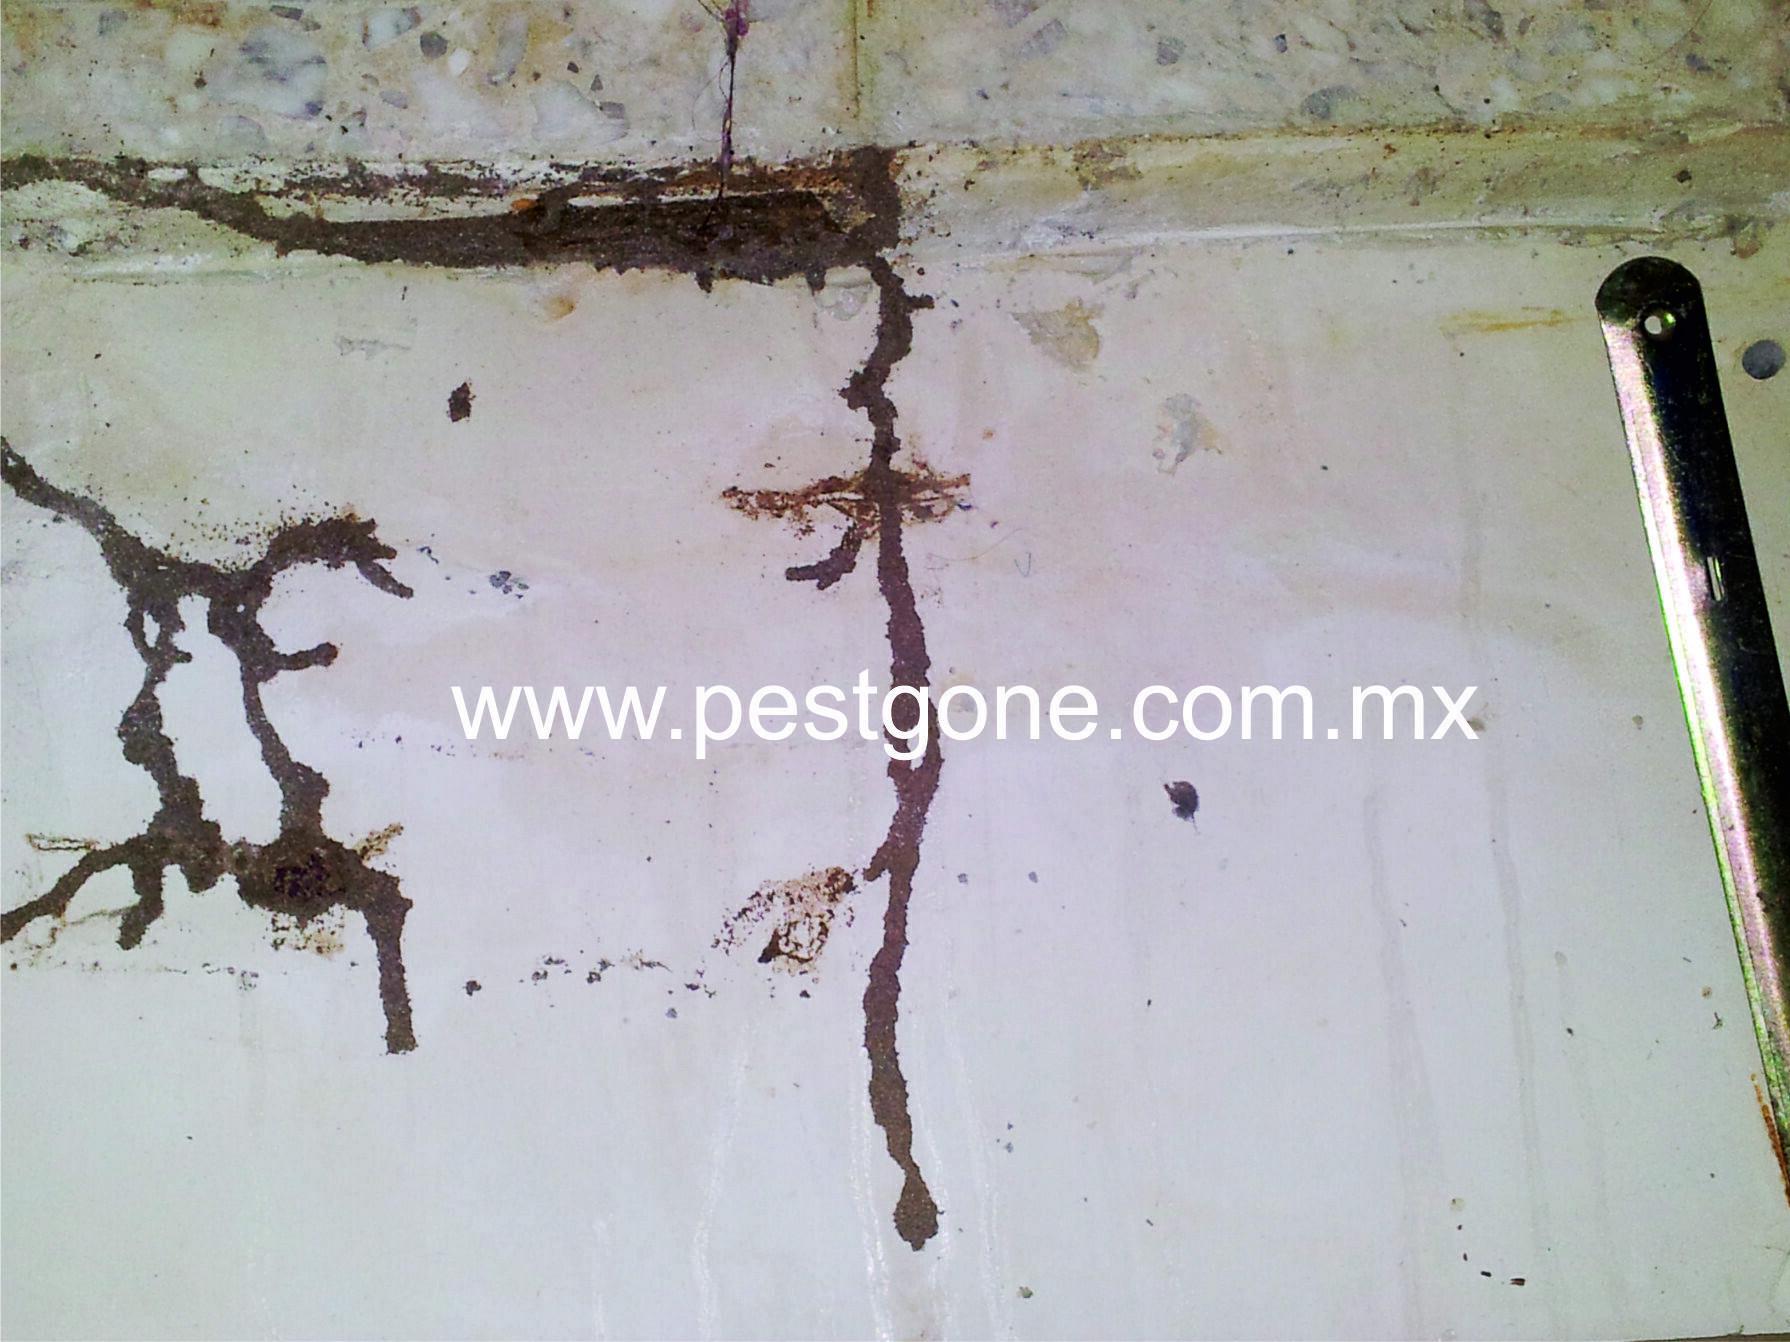 Fumigacion de termitas en monterrey pest gone for Paredes de cemento